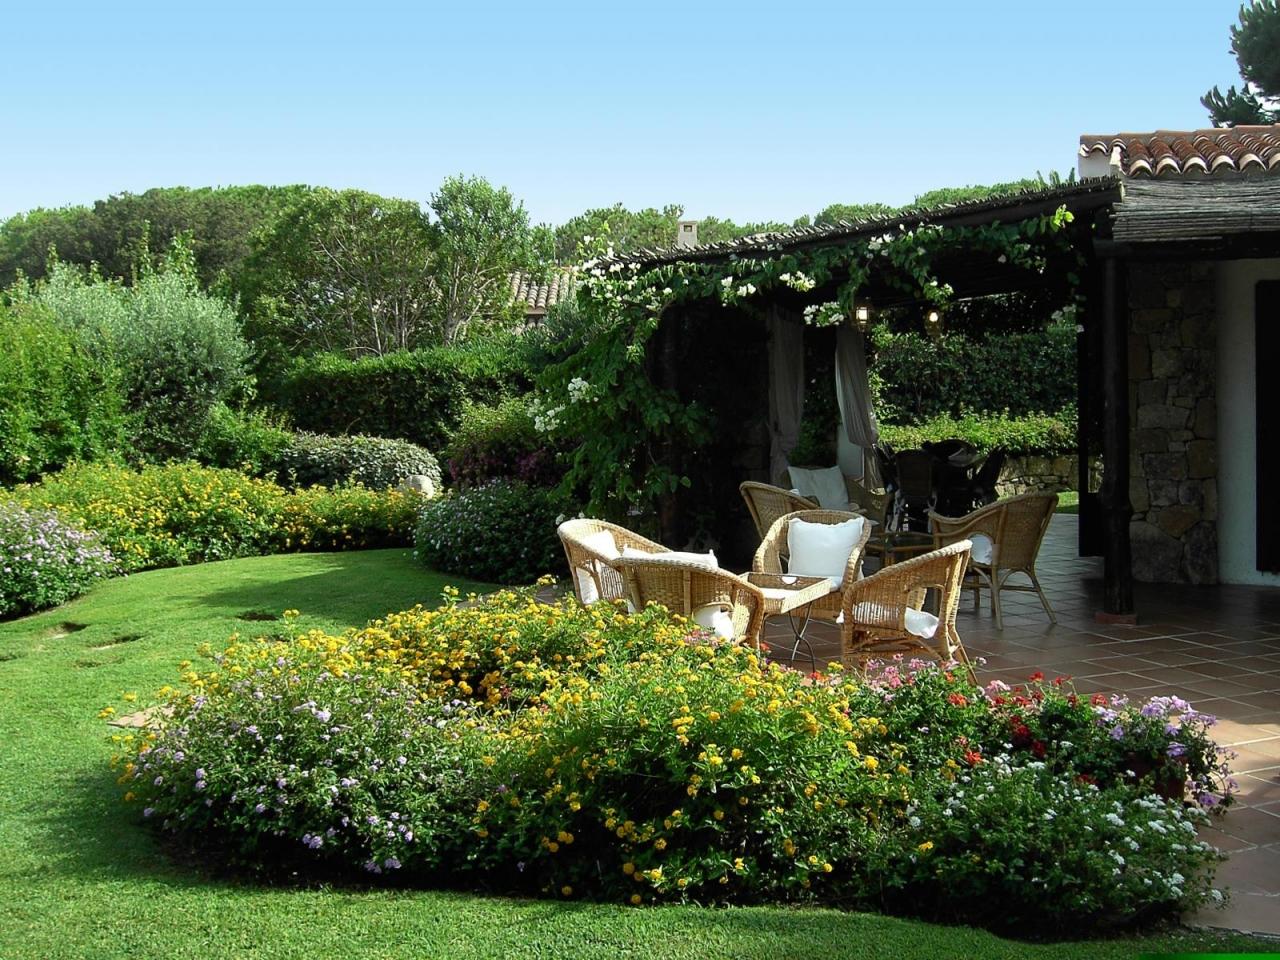 Villa pour vendre conca verde villa gemini for Conca verde piscine